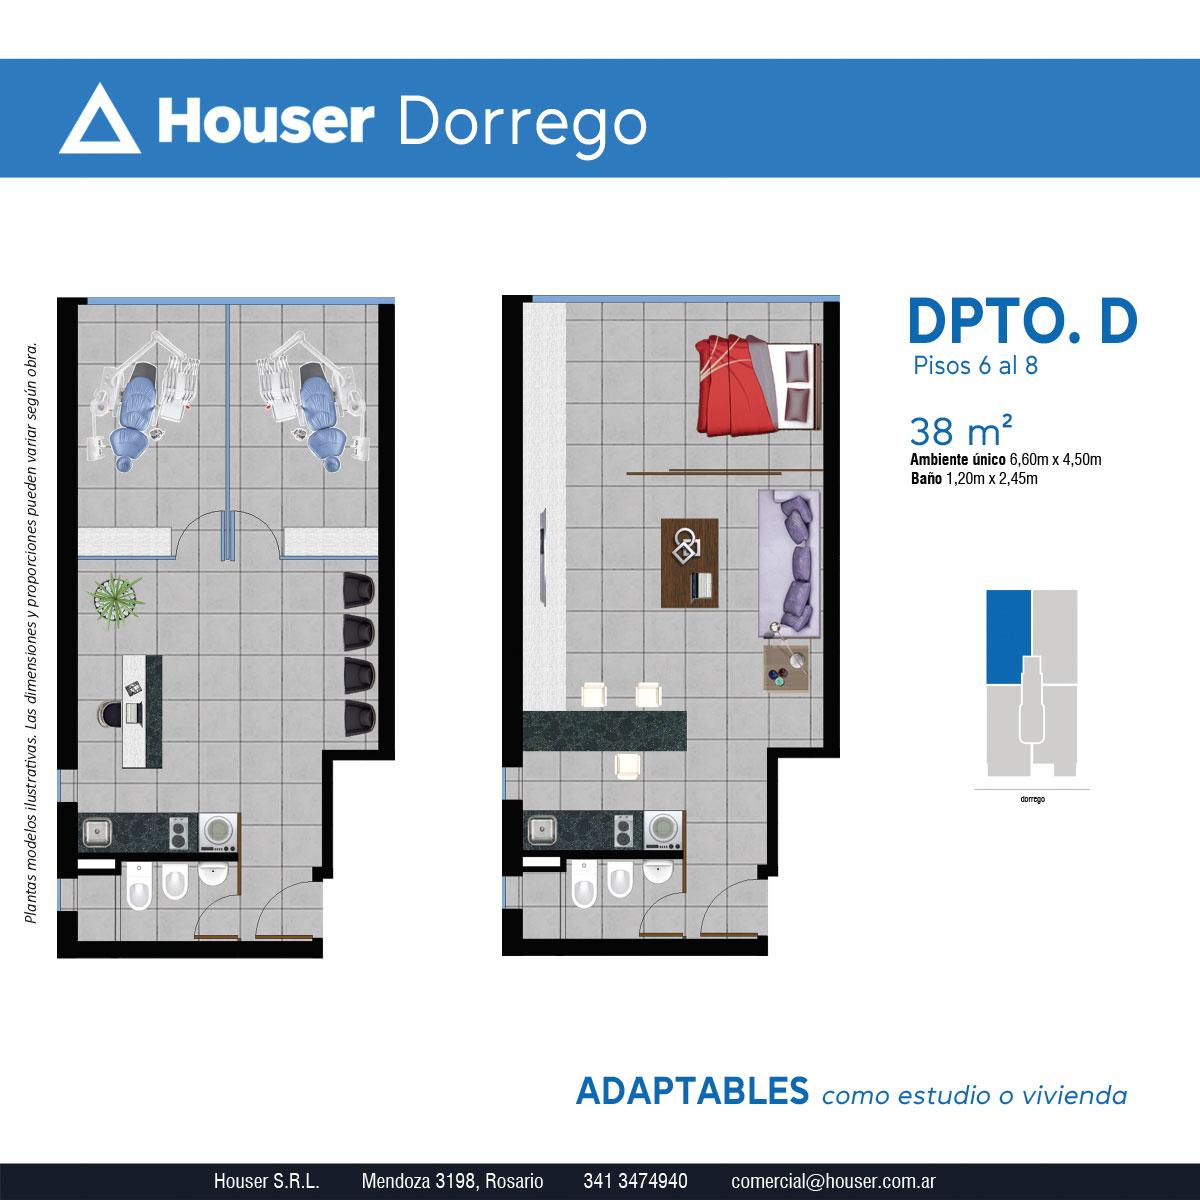 Plantas Houser Dorrego - Departamento D Pisos 5 a 8